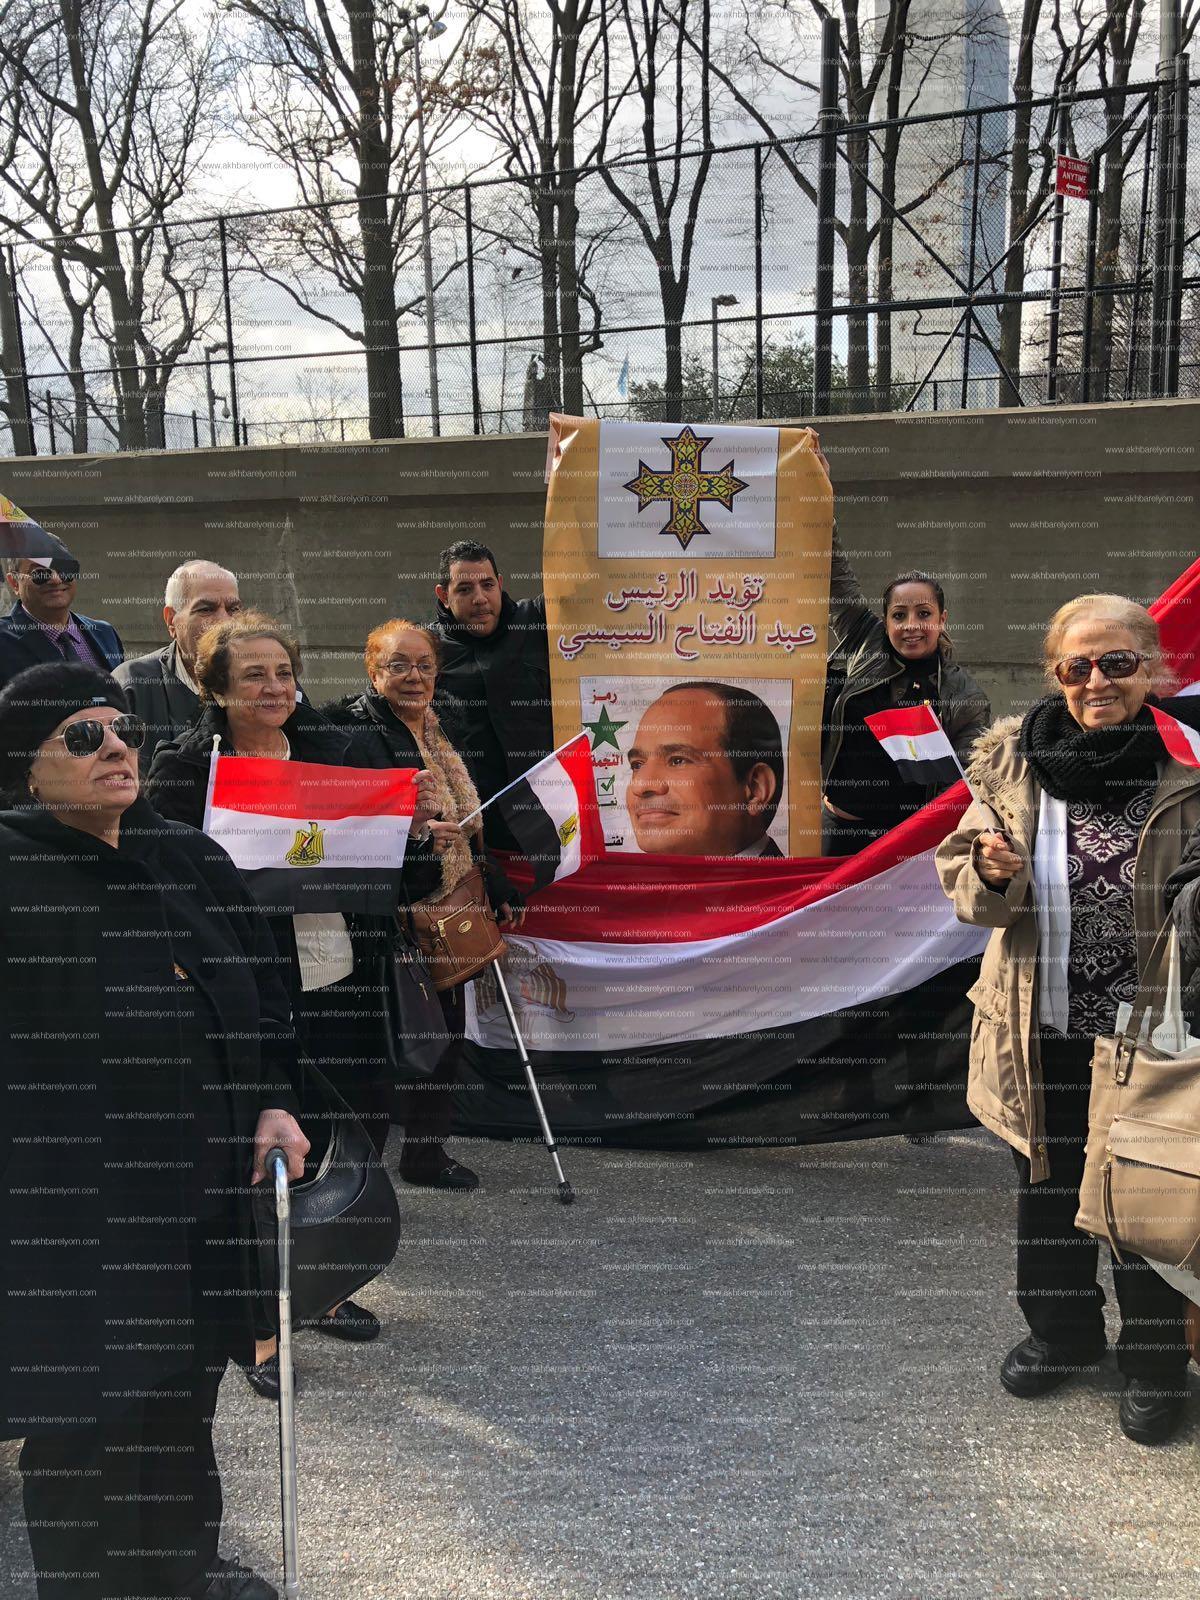 بالصور .. احتشاد الجاليه المصرية بنيويورك للإدلاء بأصواتهم